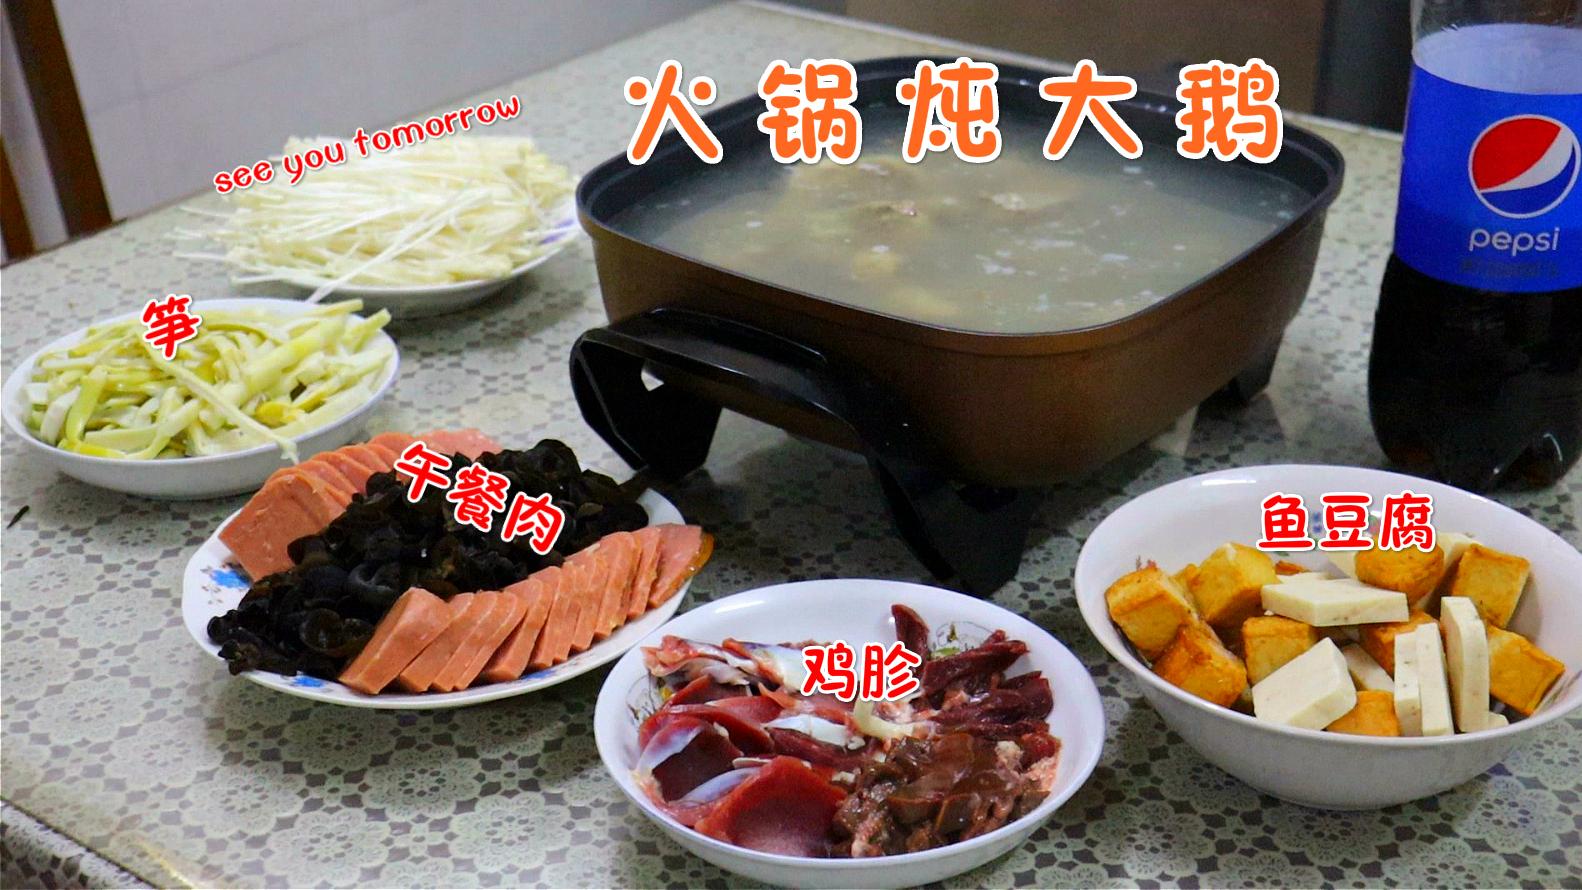 冬天就要吃鹅肉火锅!午餐肉必不可少,哪个菜是你的最爱?